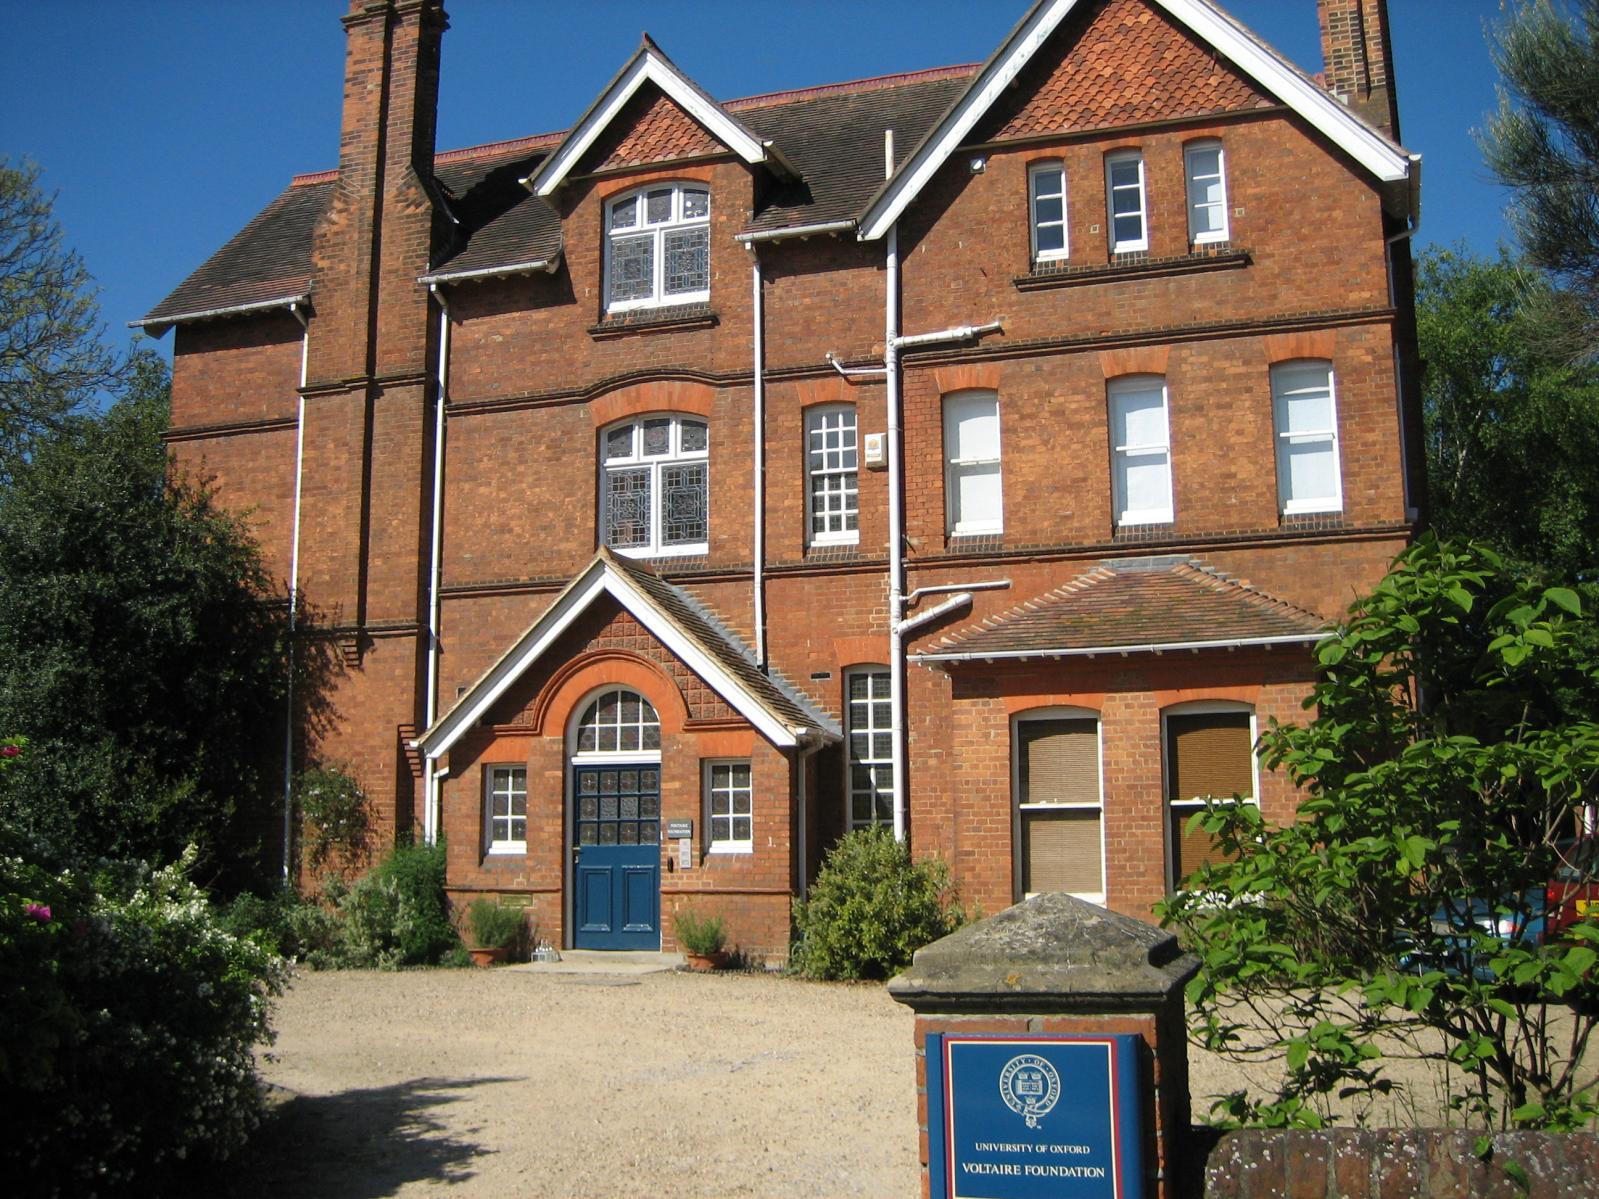 La résidence de la fondation à Oxford.